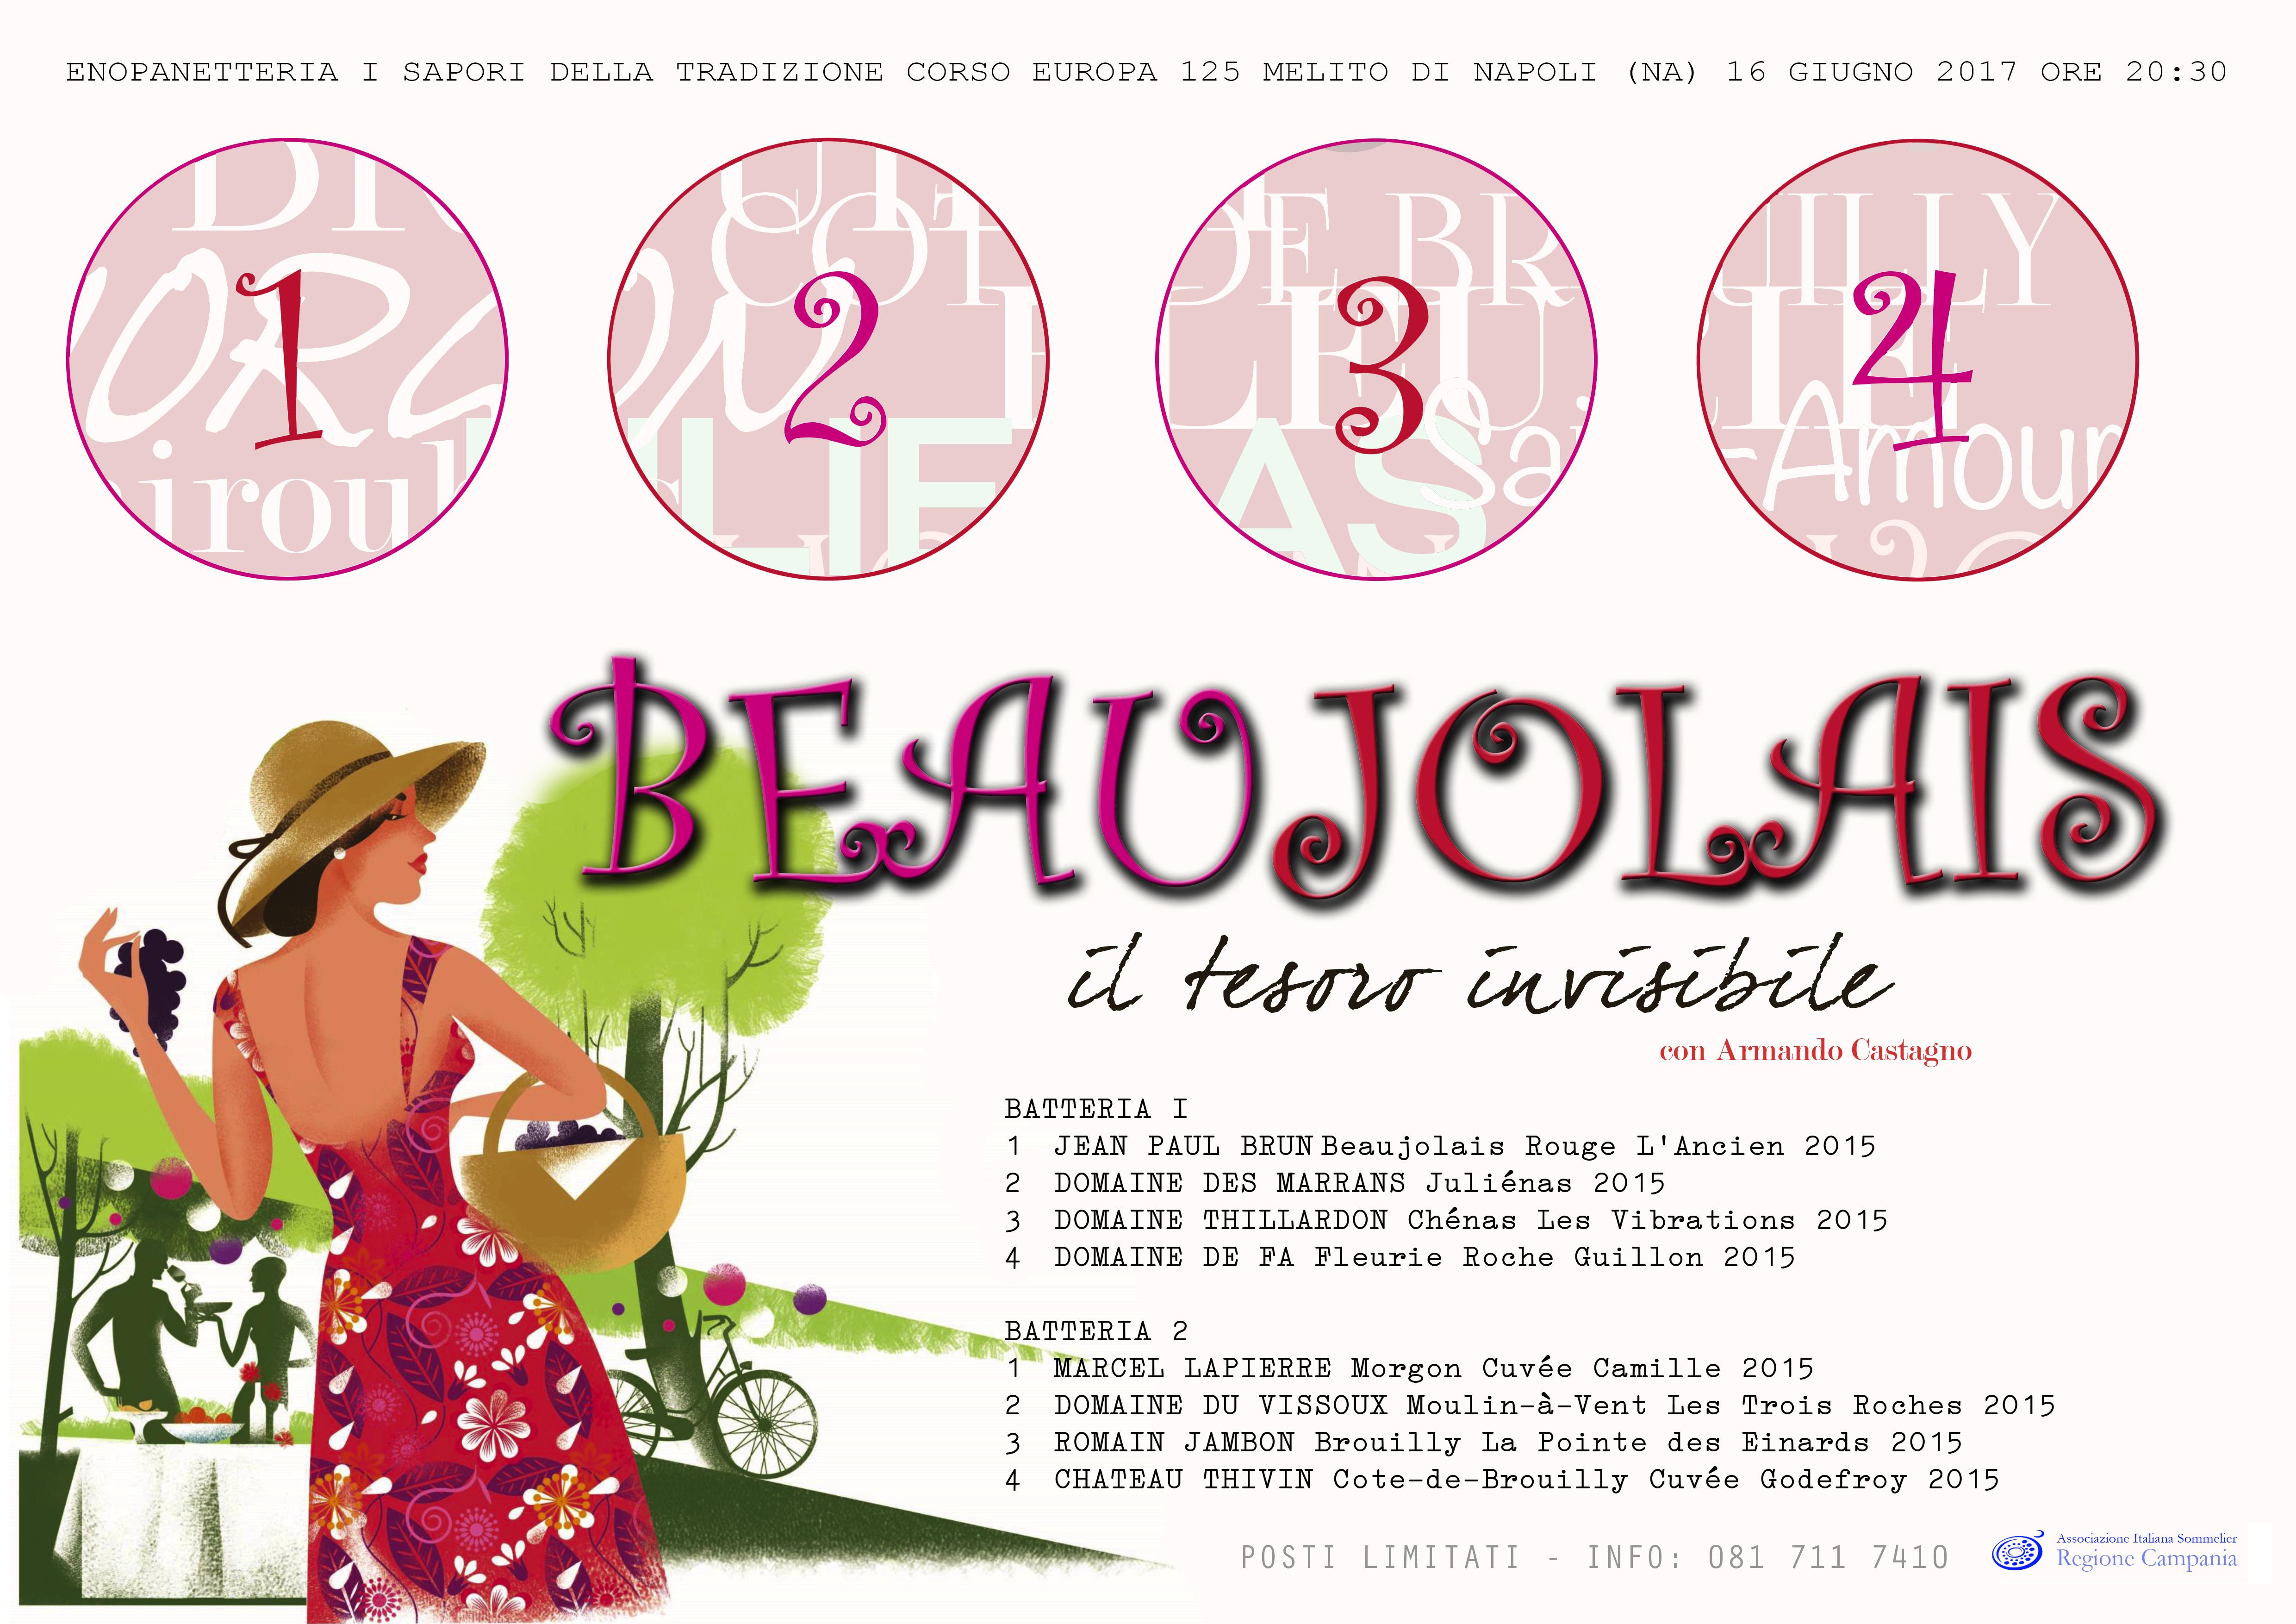 16 Giugno, Beaujolais, il Tesoro invisibile con Armando Castagno all'EnoPanetteria